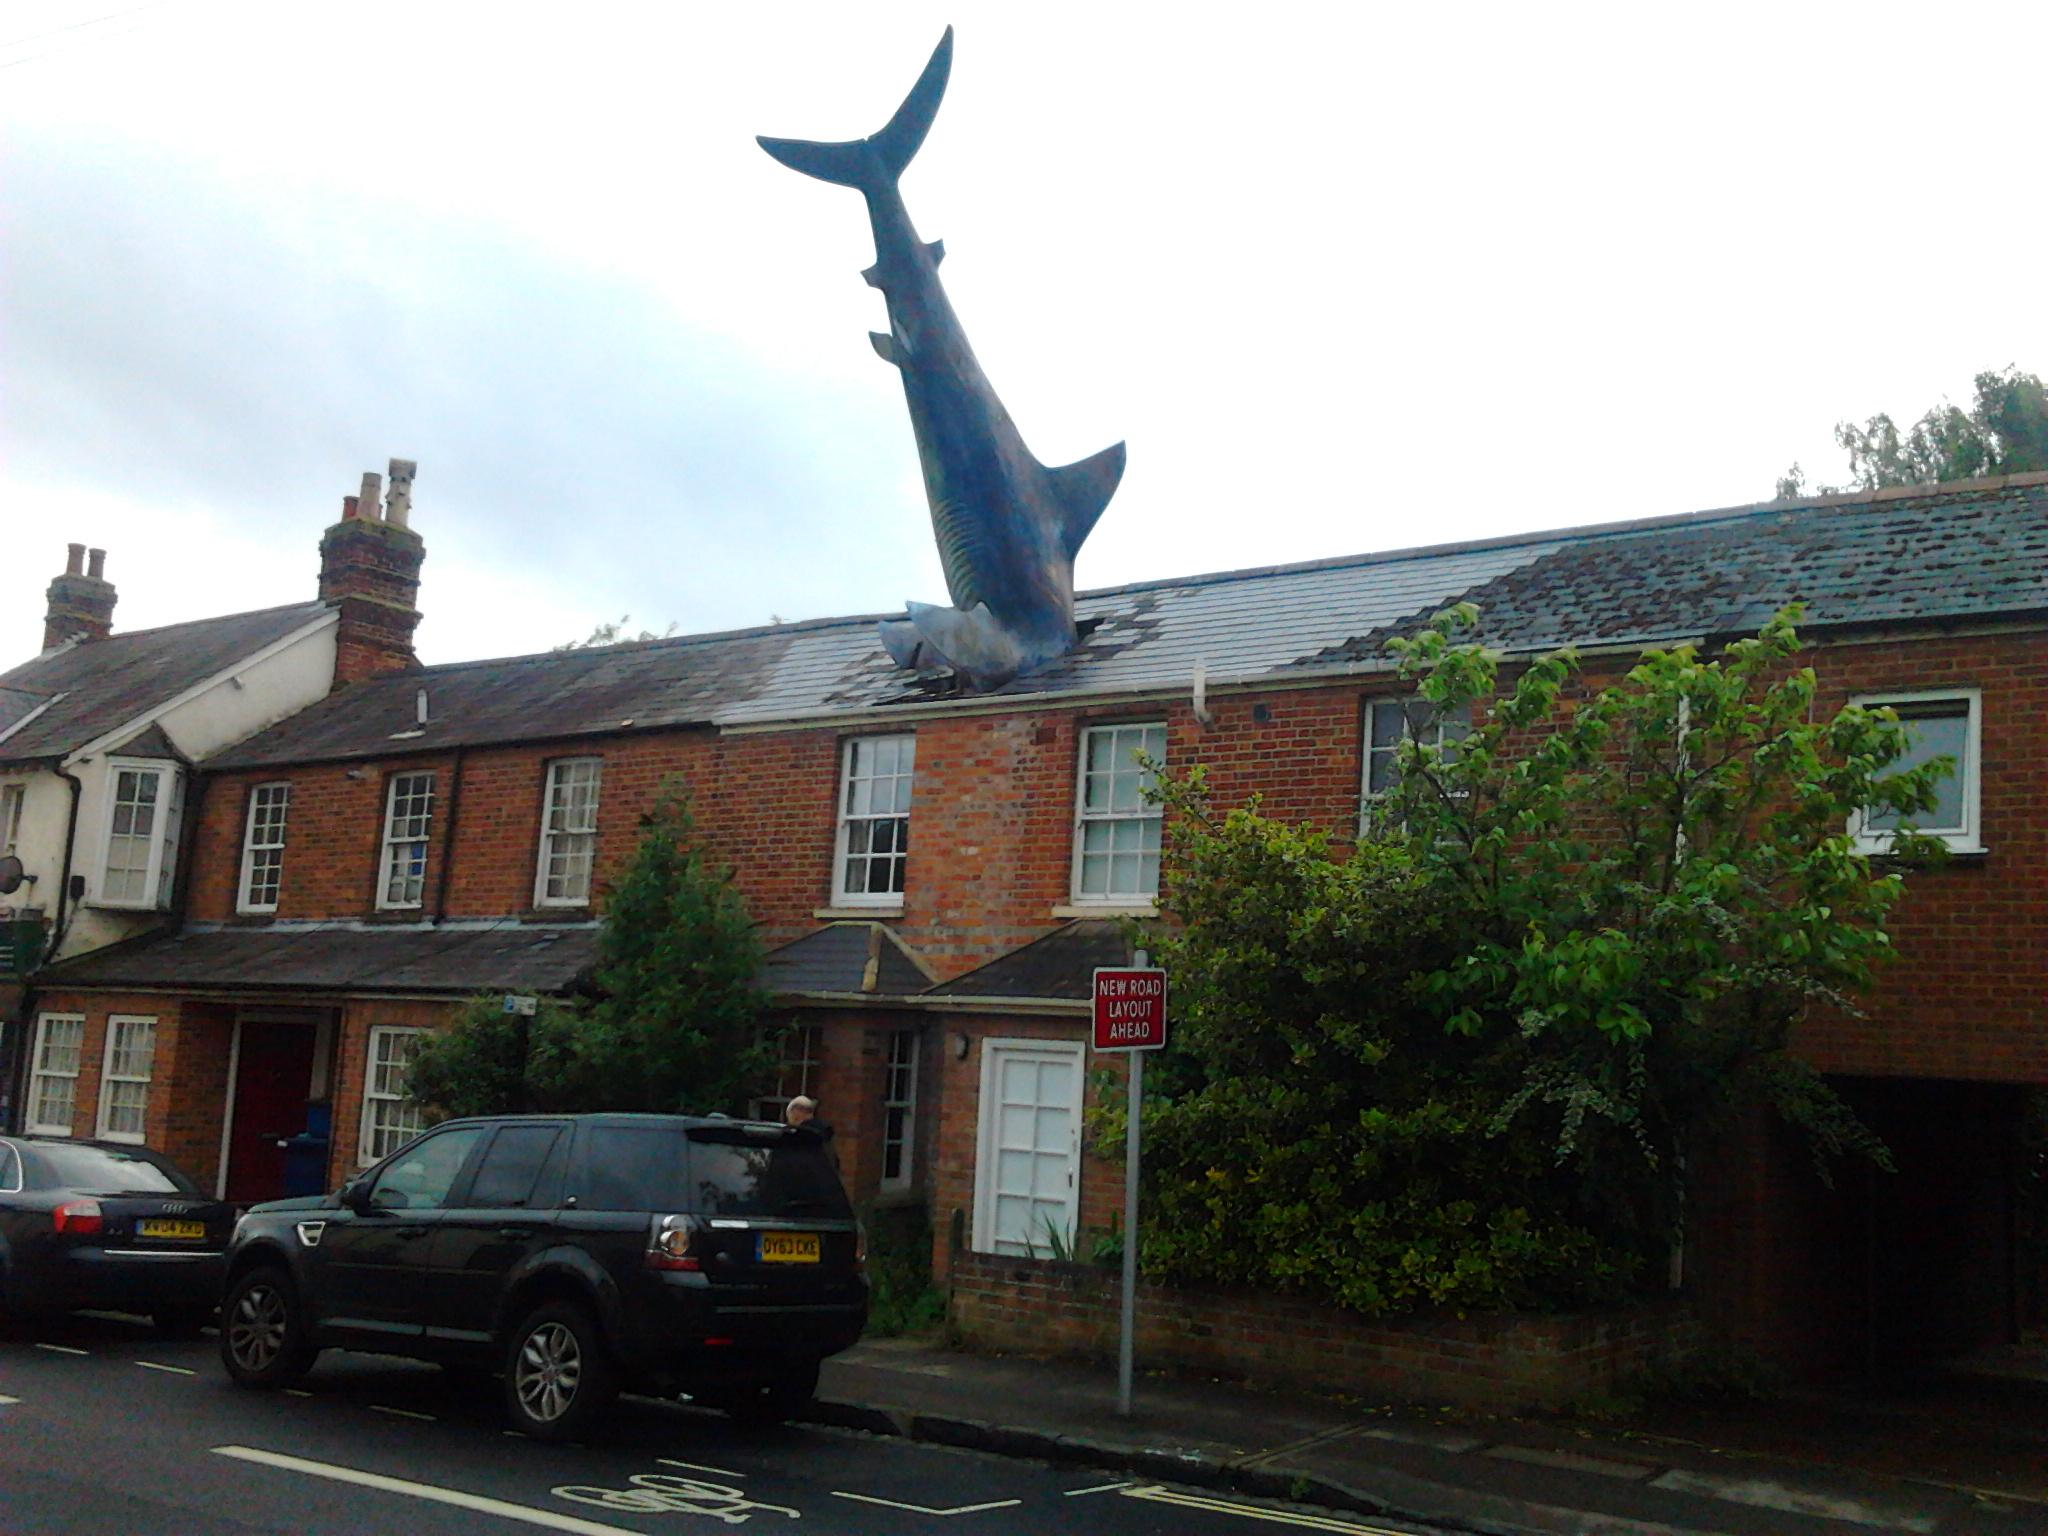 Дом с акулой был построен 1860 г. в Headington, Oxford. Он ничем не отличался от своих соседей, пока более чем 100 лет спустя, в 1986 году, Бил Хайн (Bill Heine) установил на его крыше огромное туловище акулы. Теперь это место паломничества туристов со всего мира.